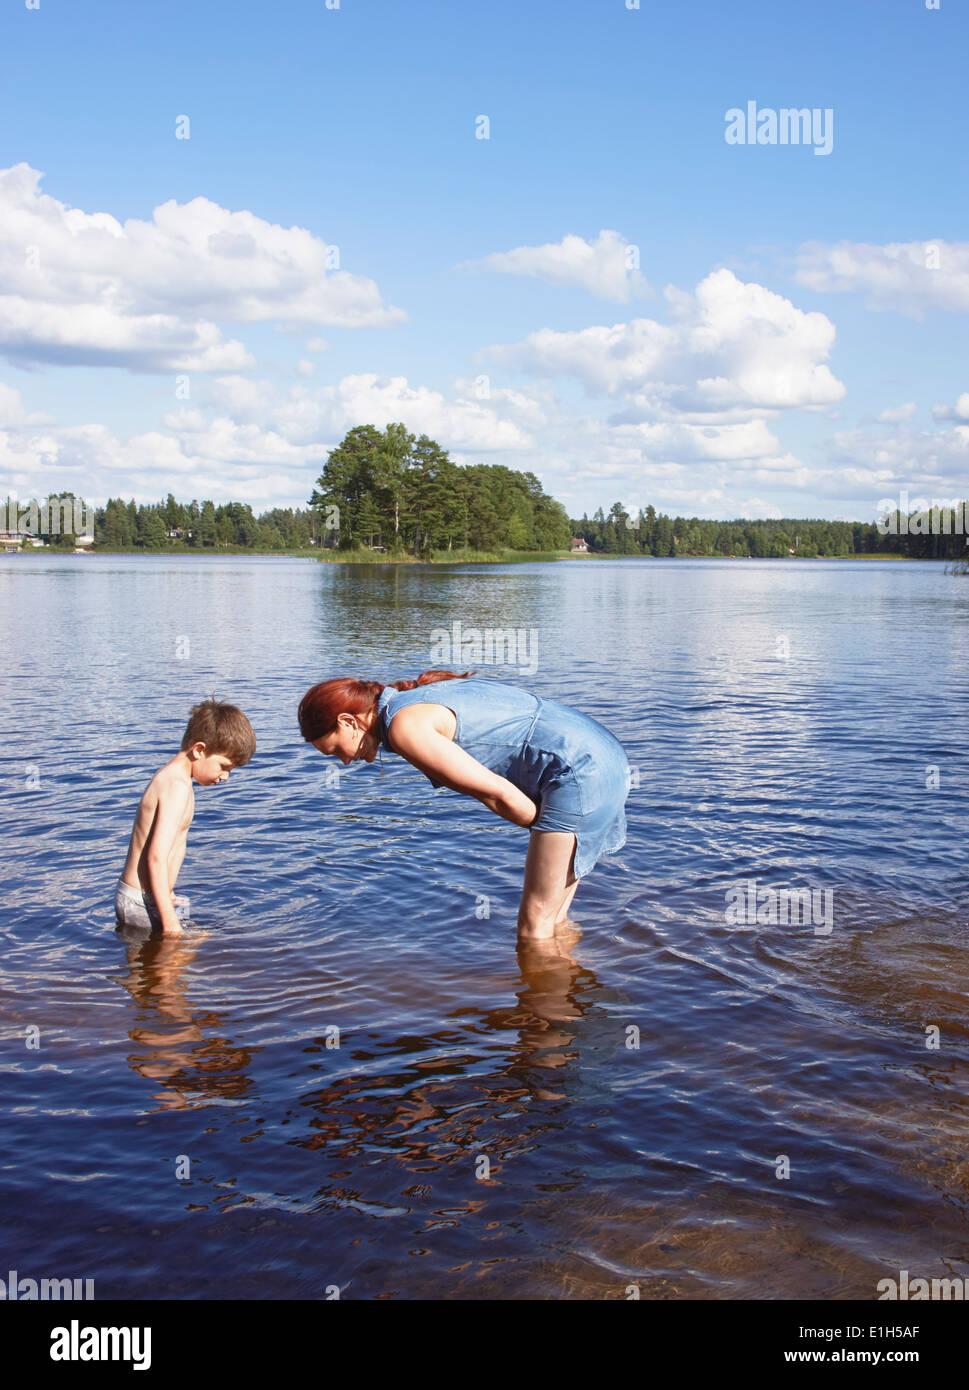 Madre e hijo en la búsqueda en el lago, Gavle, Suecia Imagen De Stock